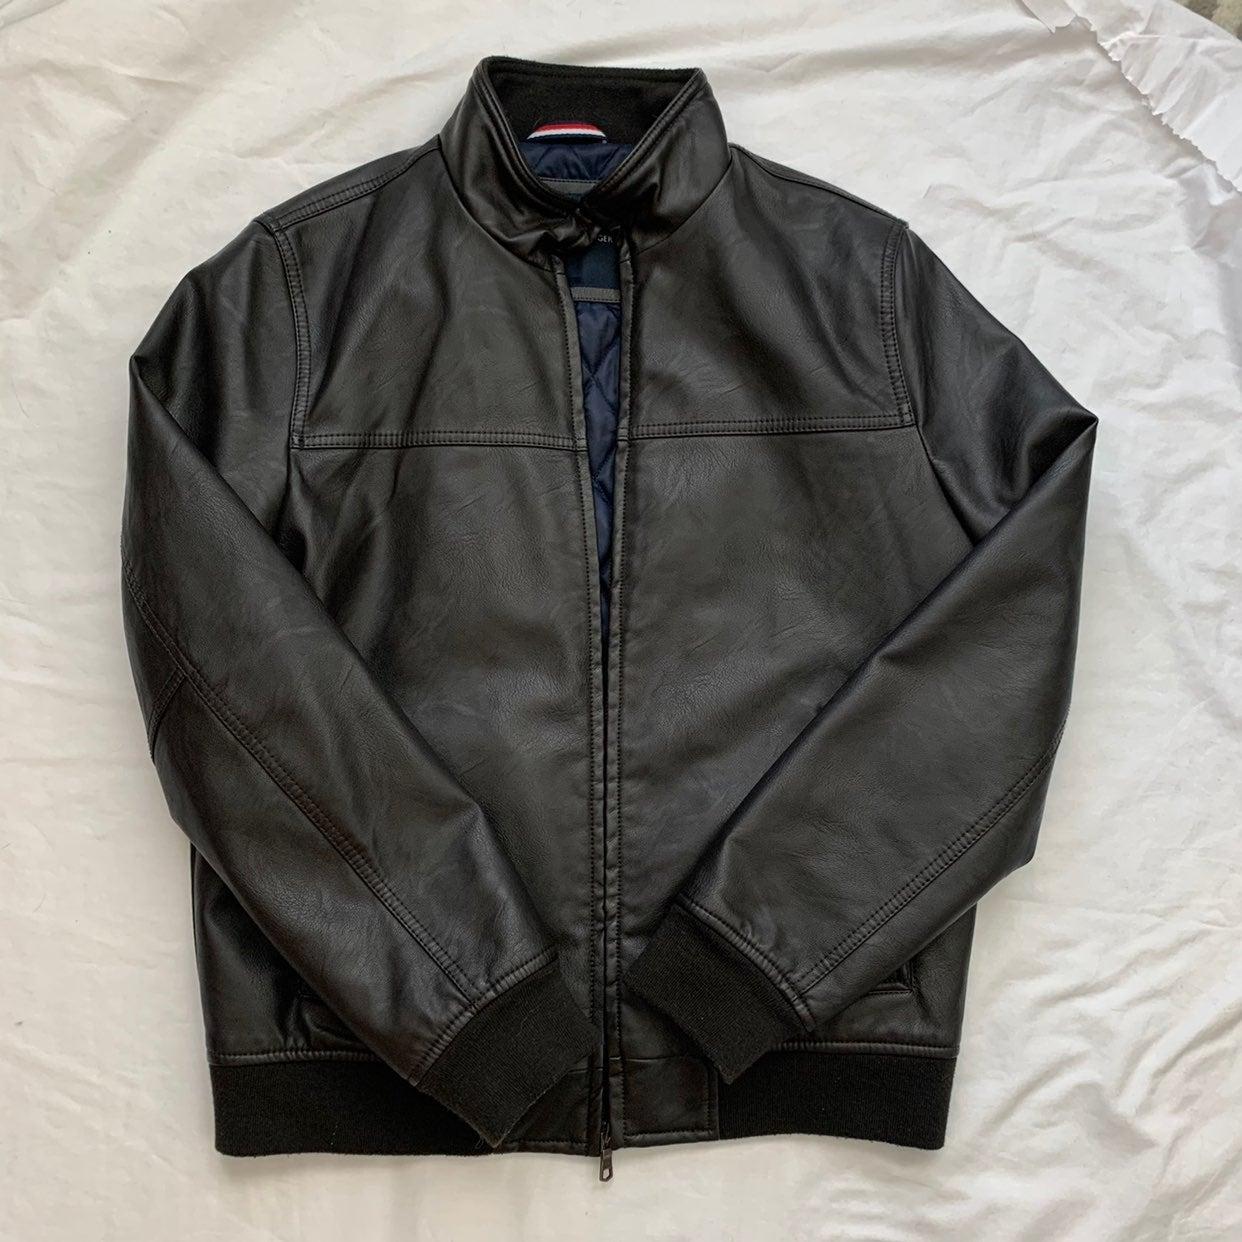 NWOT Tommy Hilfiger leather jacket